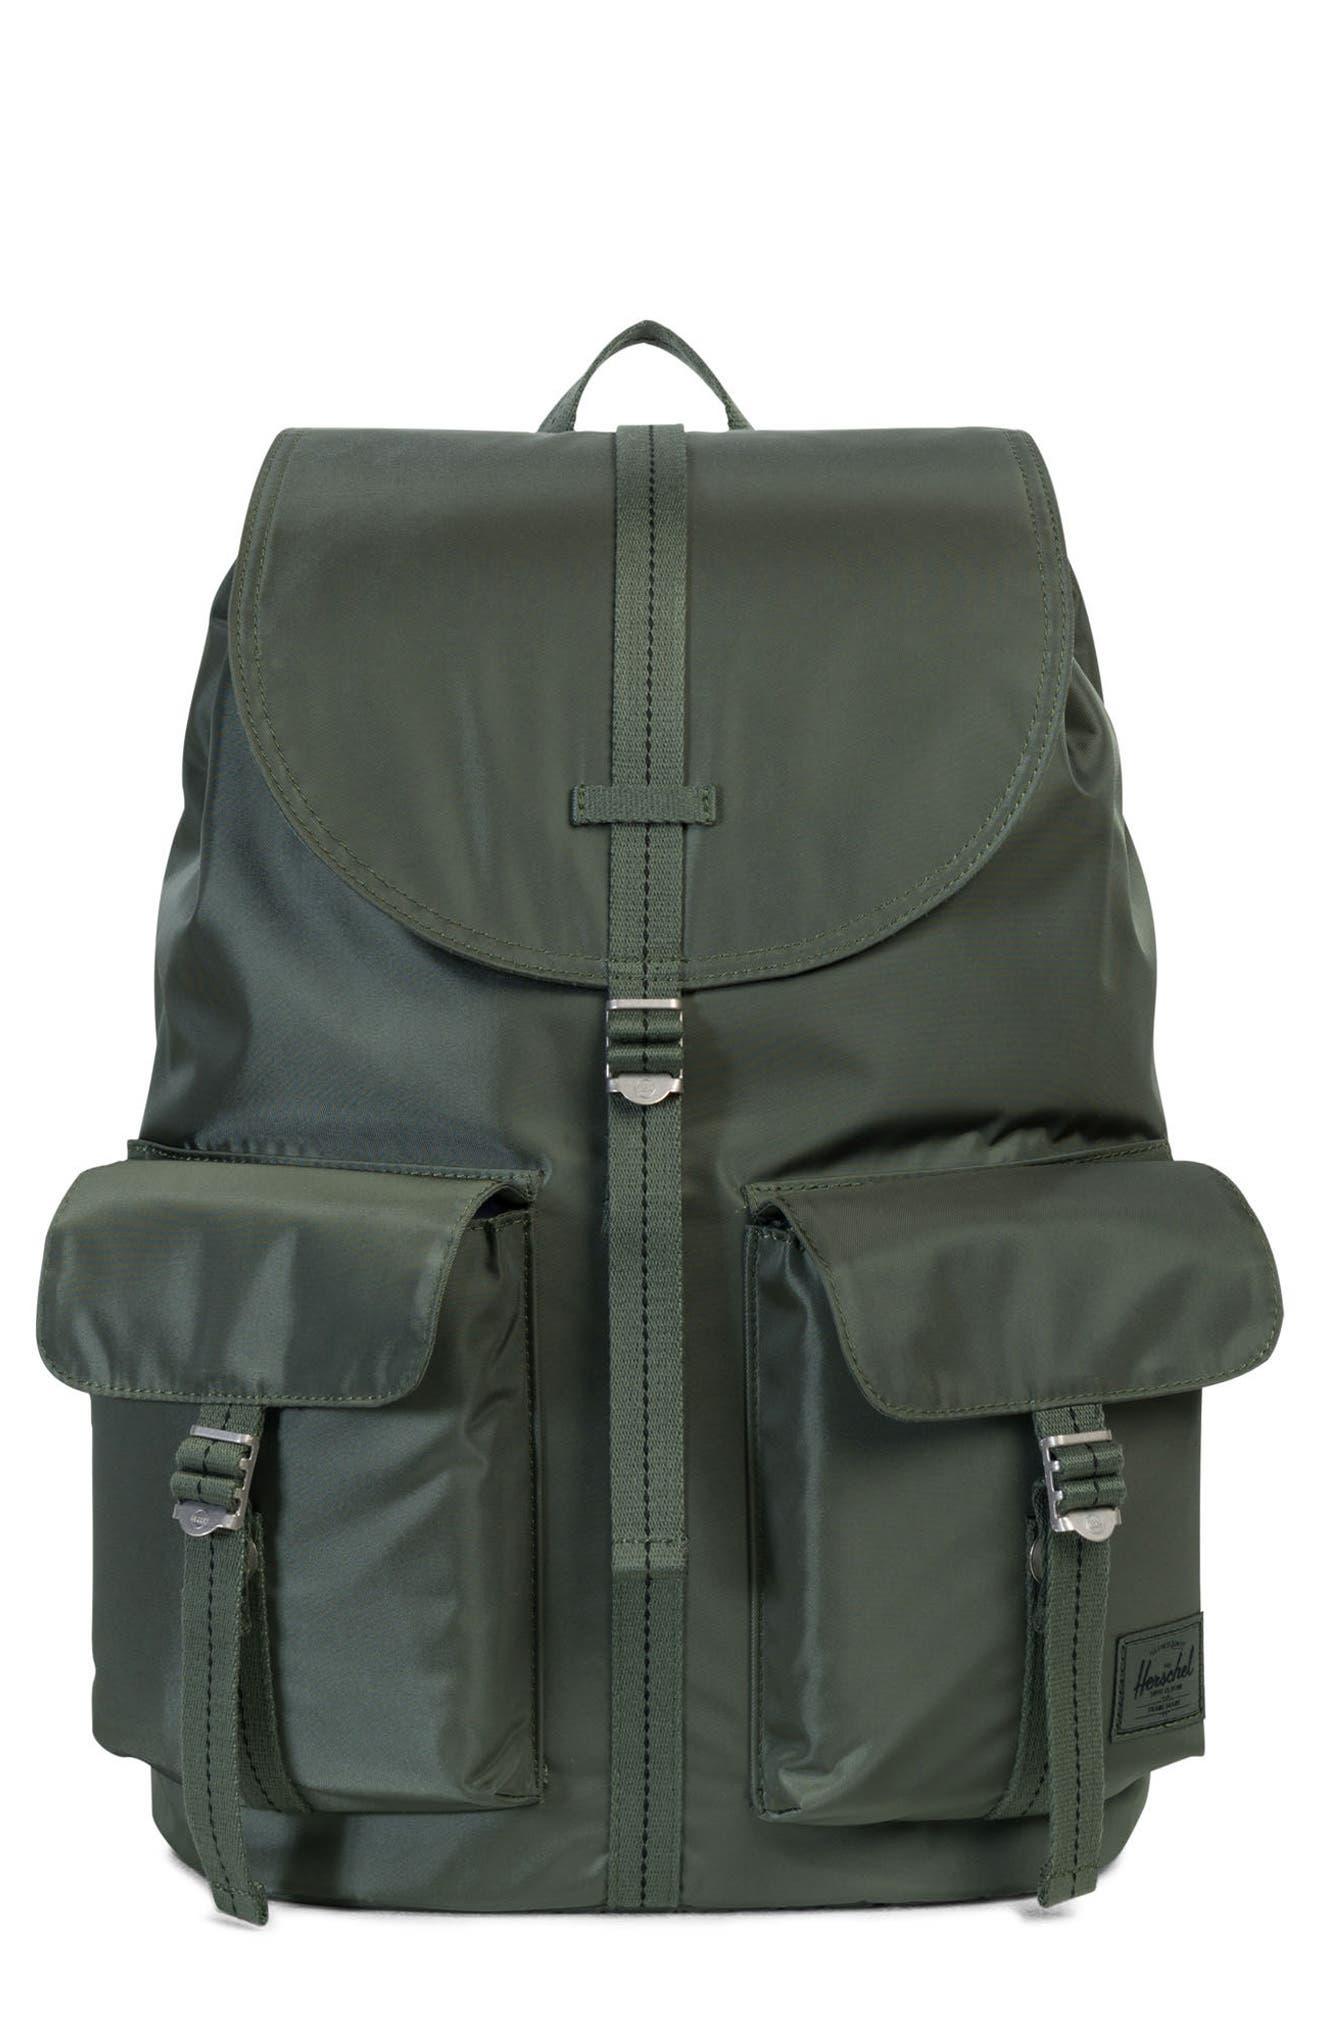 HERSCHEL SUPPLY CO. Dawson Surplus Collection Backpack